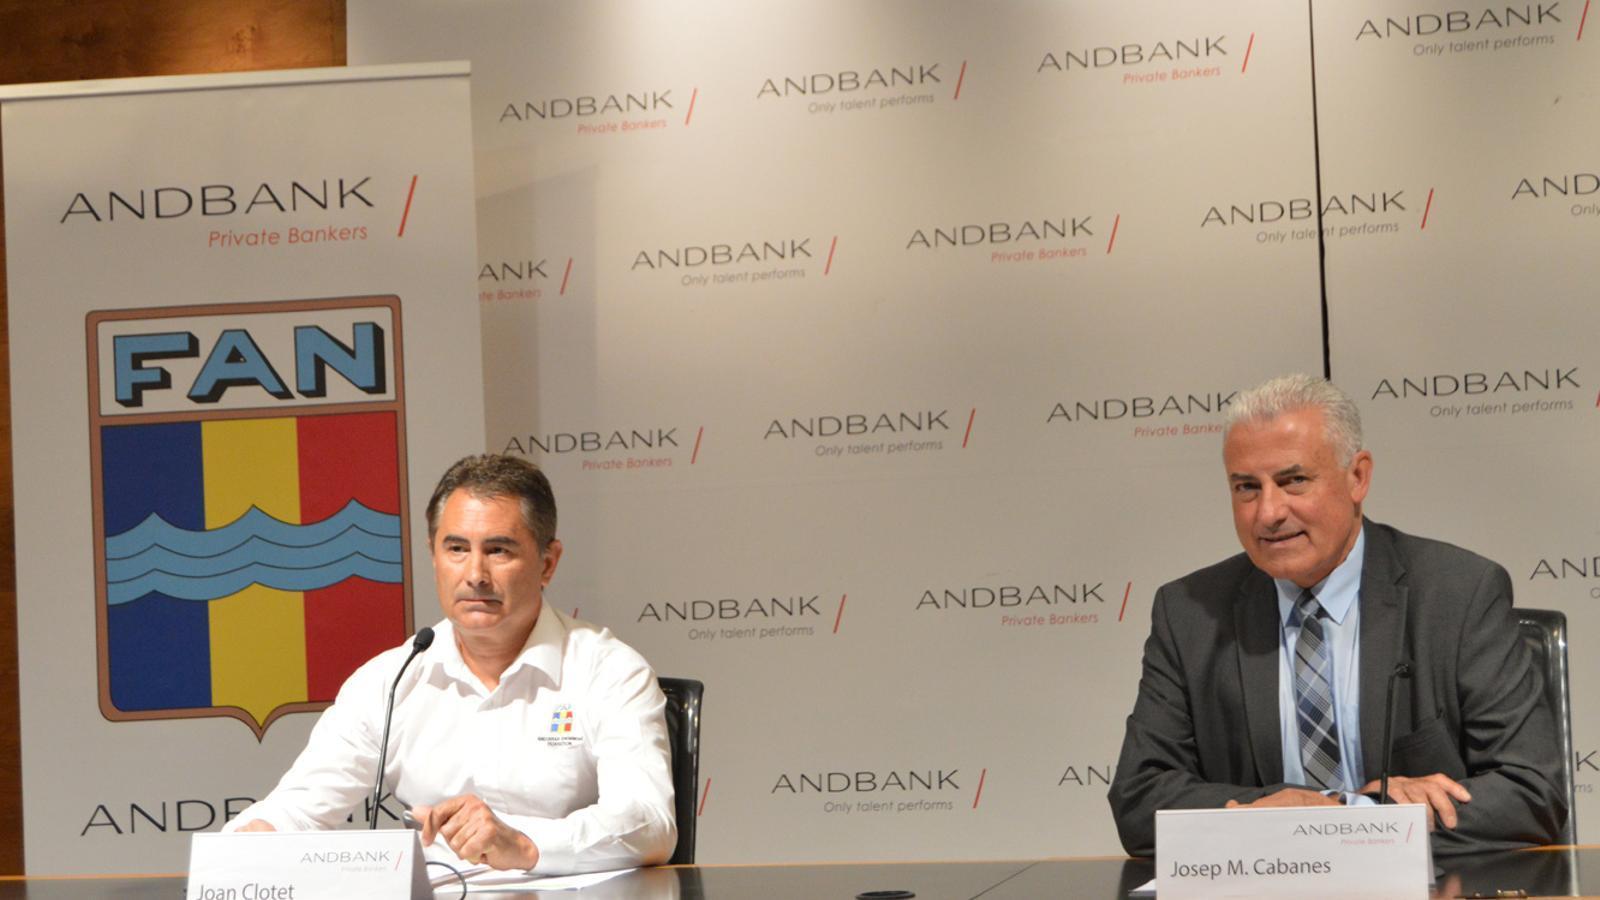 El nou president de la Federació Andorrana de Natació (FAN), Joan Clotet, i el sotsdirector general banca país d'Andbank, Josep Maria Cabanes, durant la roda de premsa